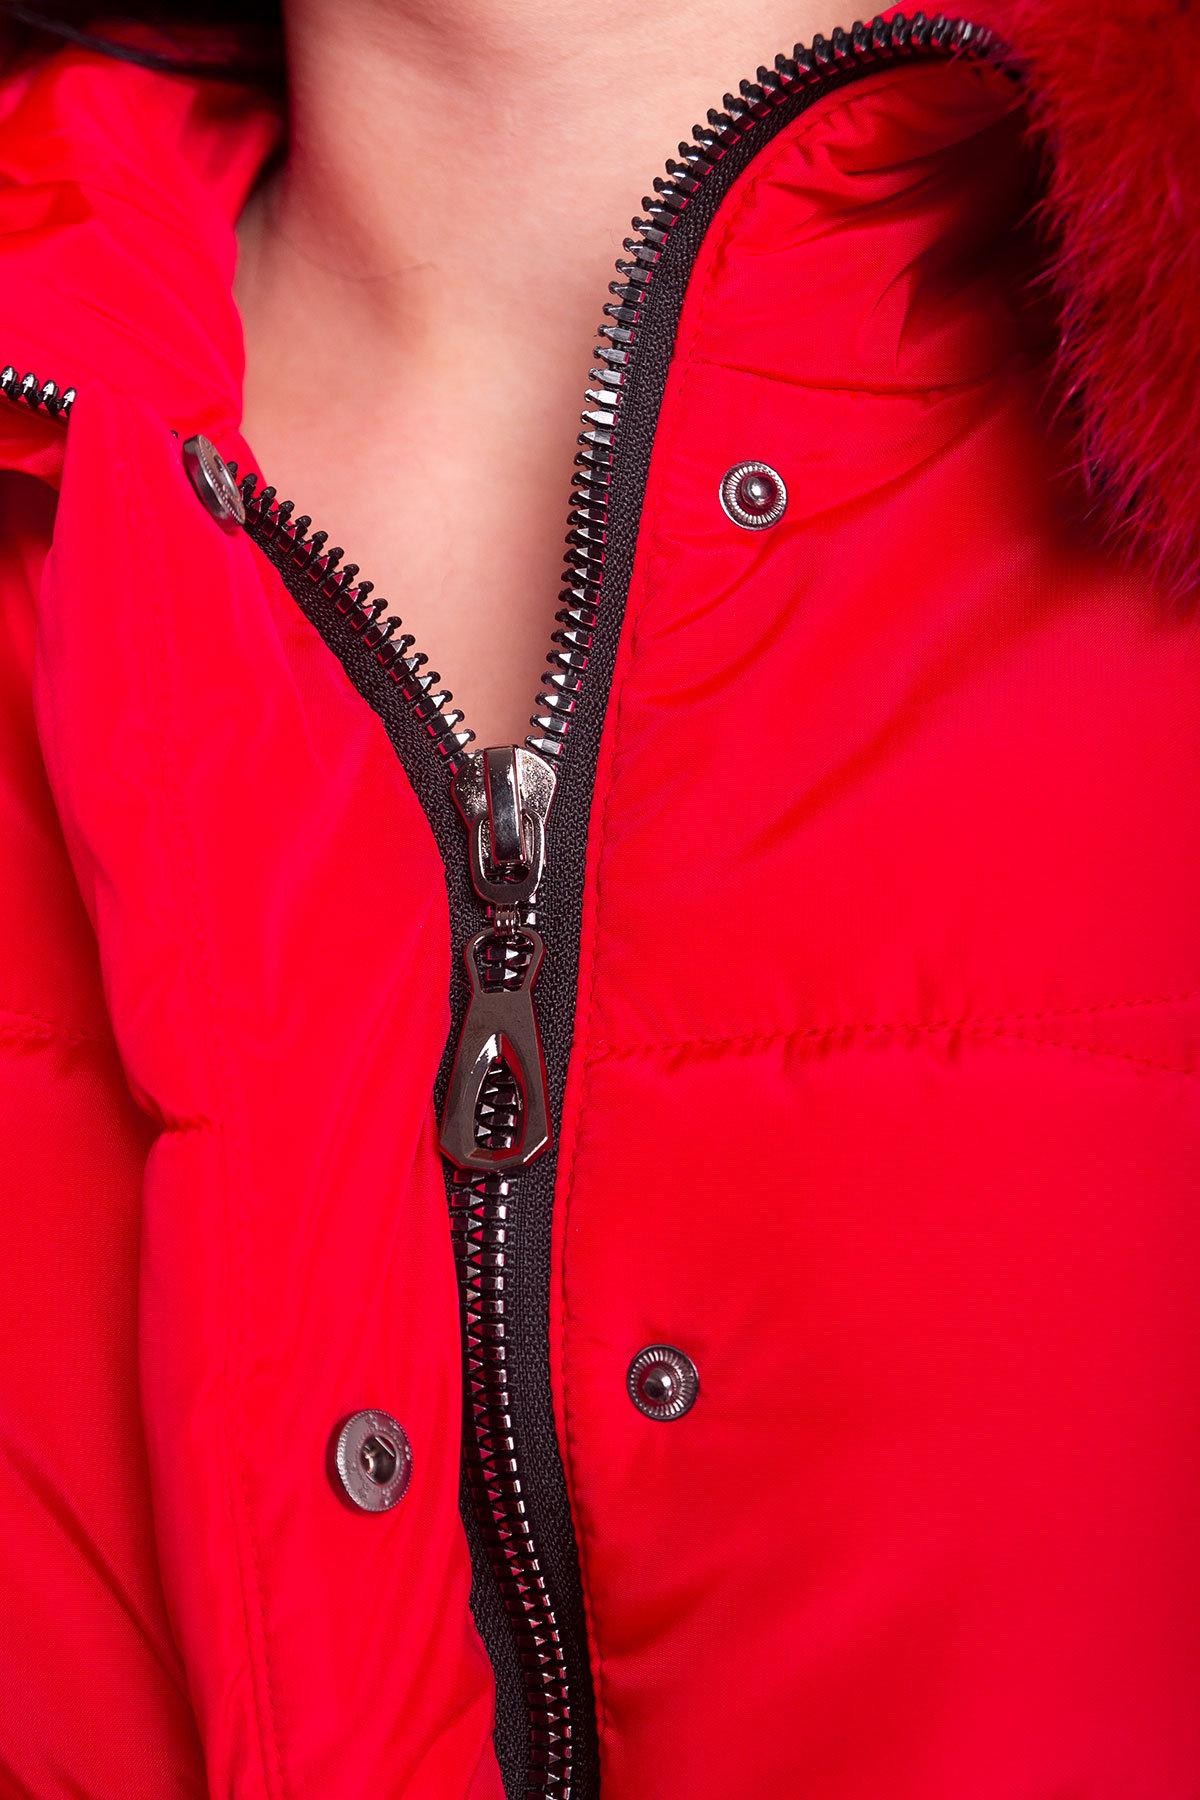 Пуховик прямого кроя Ингрид 4235 АРТ. 20890 Цвет: Красный - фото 4, интернет магазин tm-modus.ru